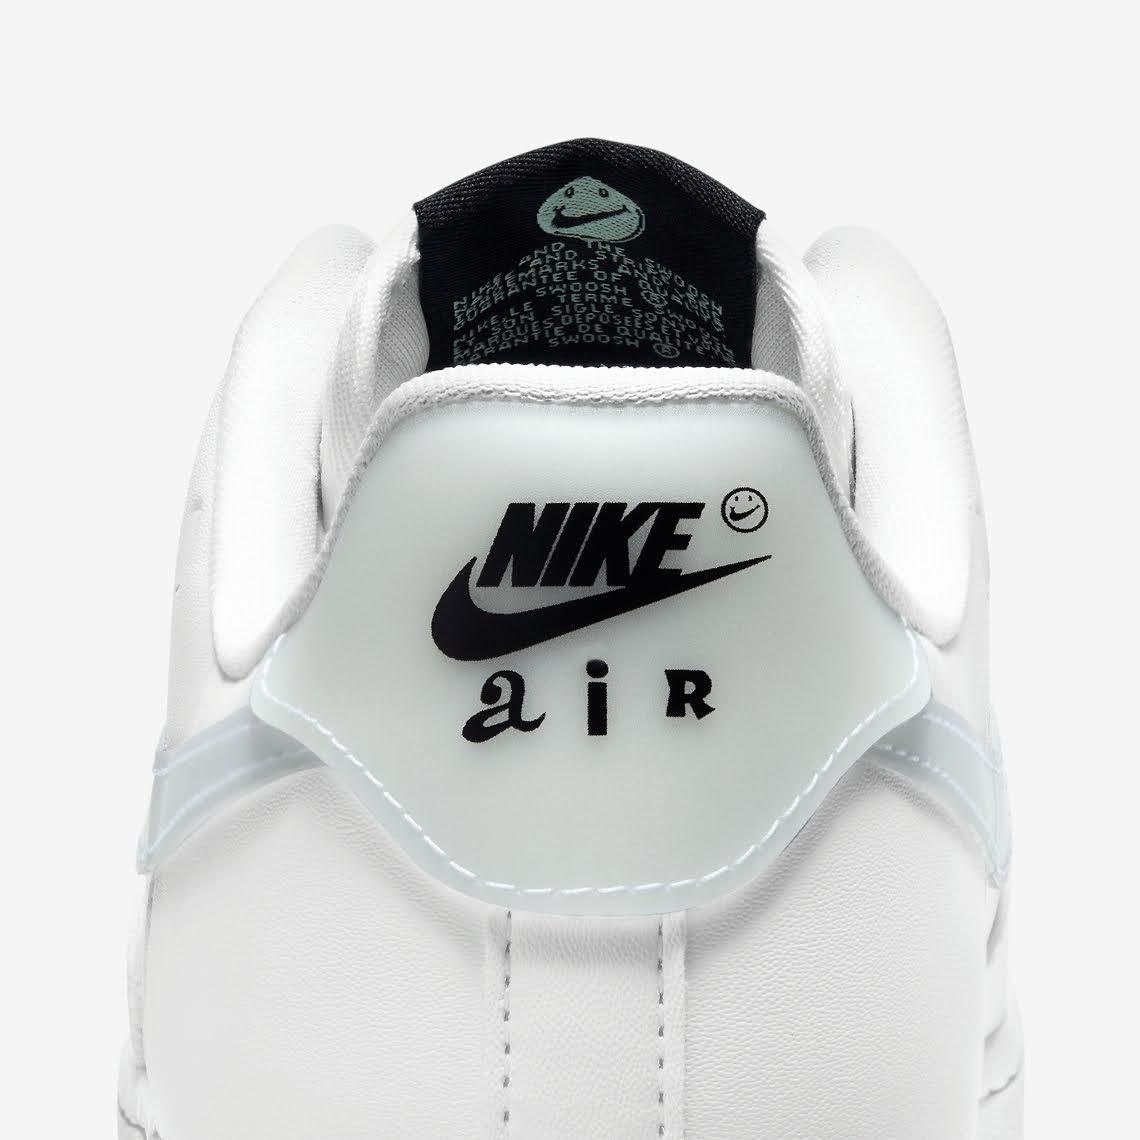 ナイキ エア フォース 1 ハブ ア ナイキ デー グロー イン ザ ダーク ホワイト Nike-Air-Force-1-Low-Have-A-Nike-Day-CT3228-100-CT3228-701 heel back